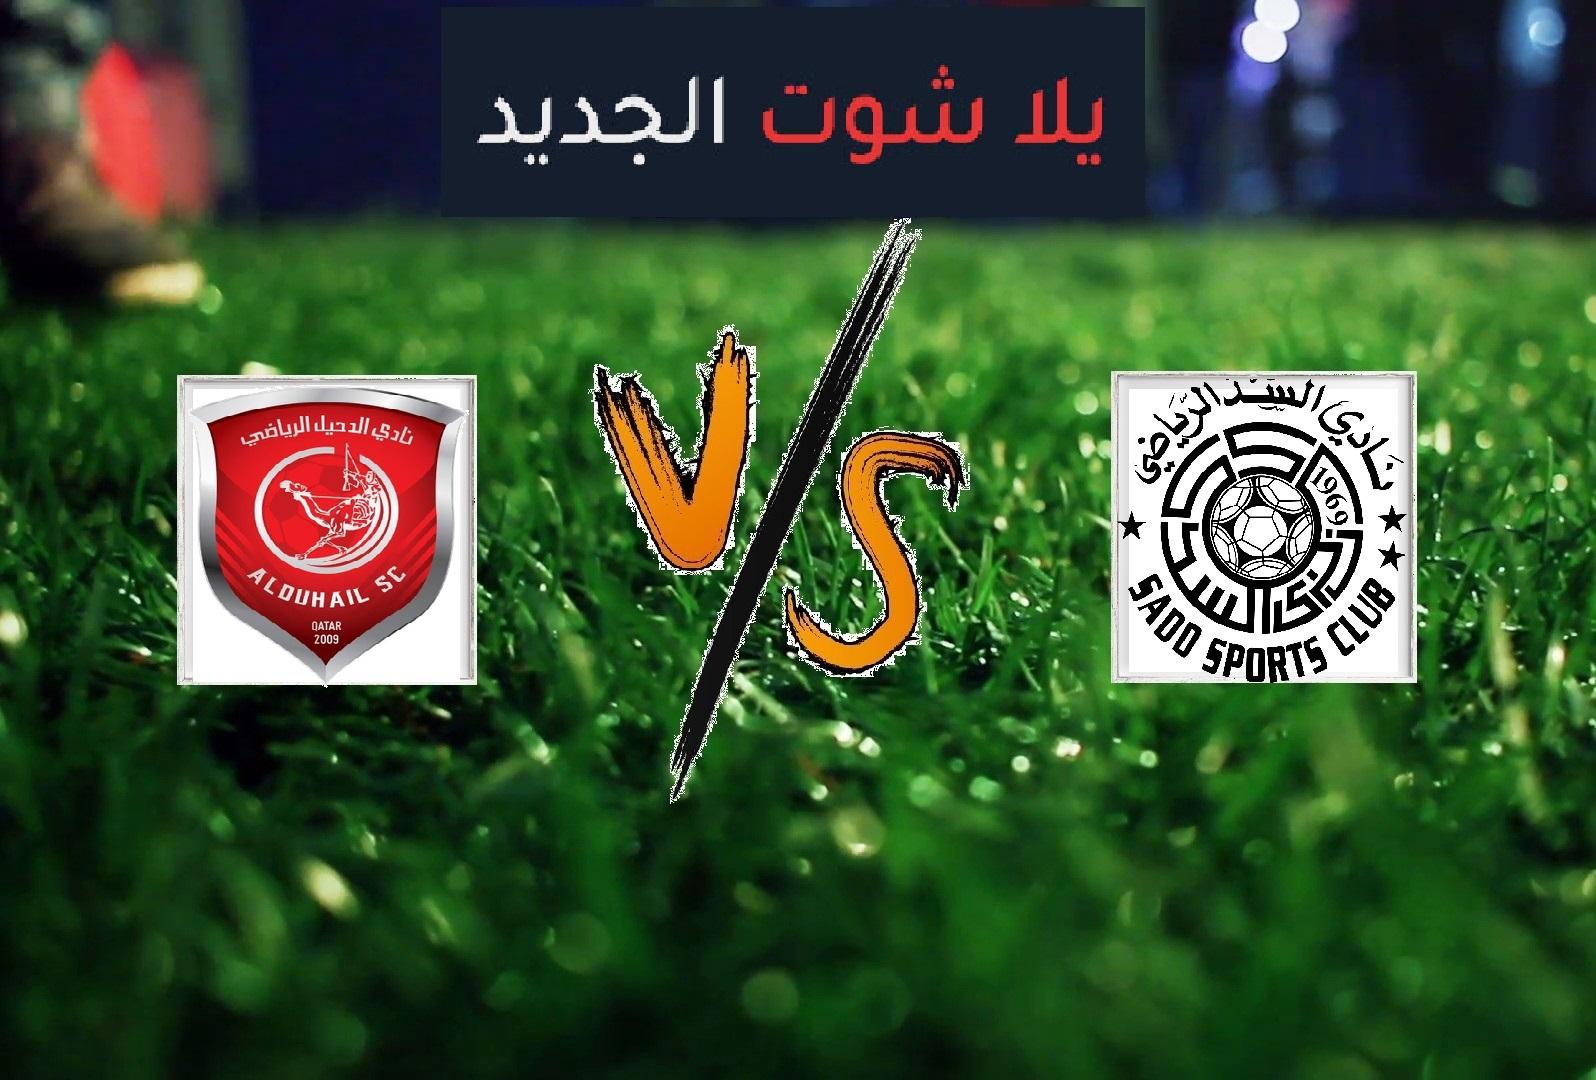 ملخص مباراة السد والدحيل اليوم الخميس بتاريخ 16-05-2019 كأس قطر